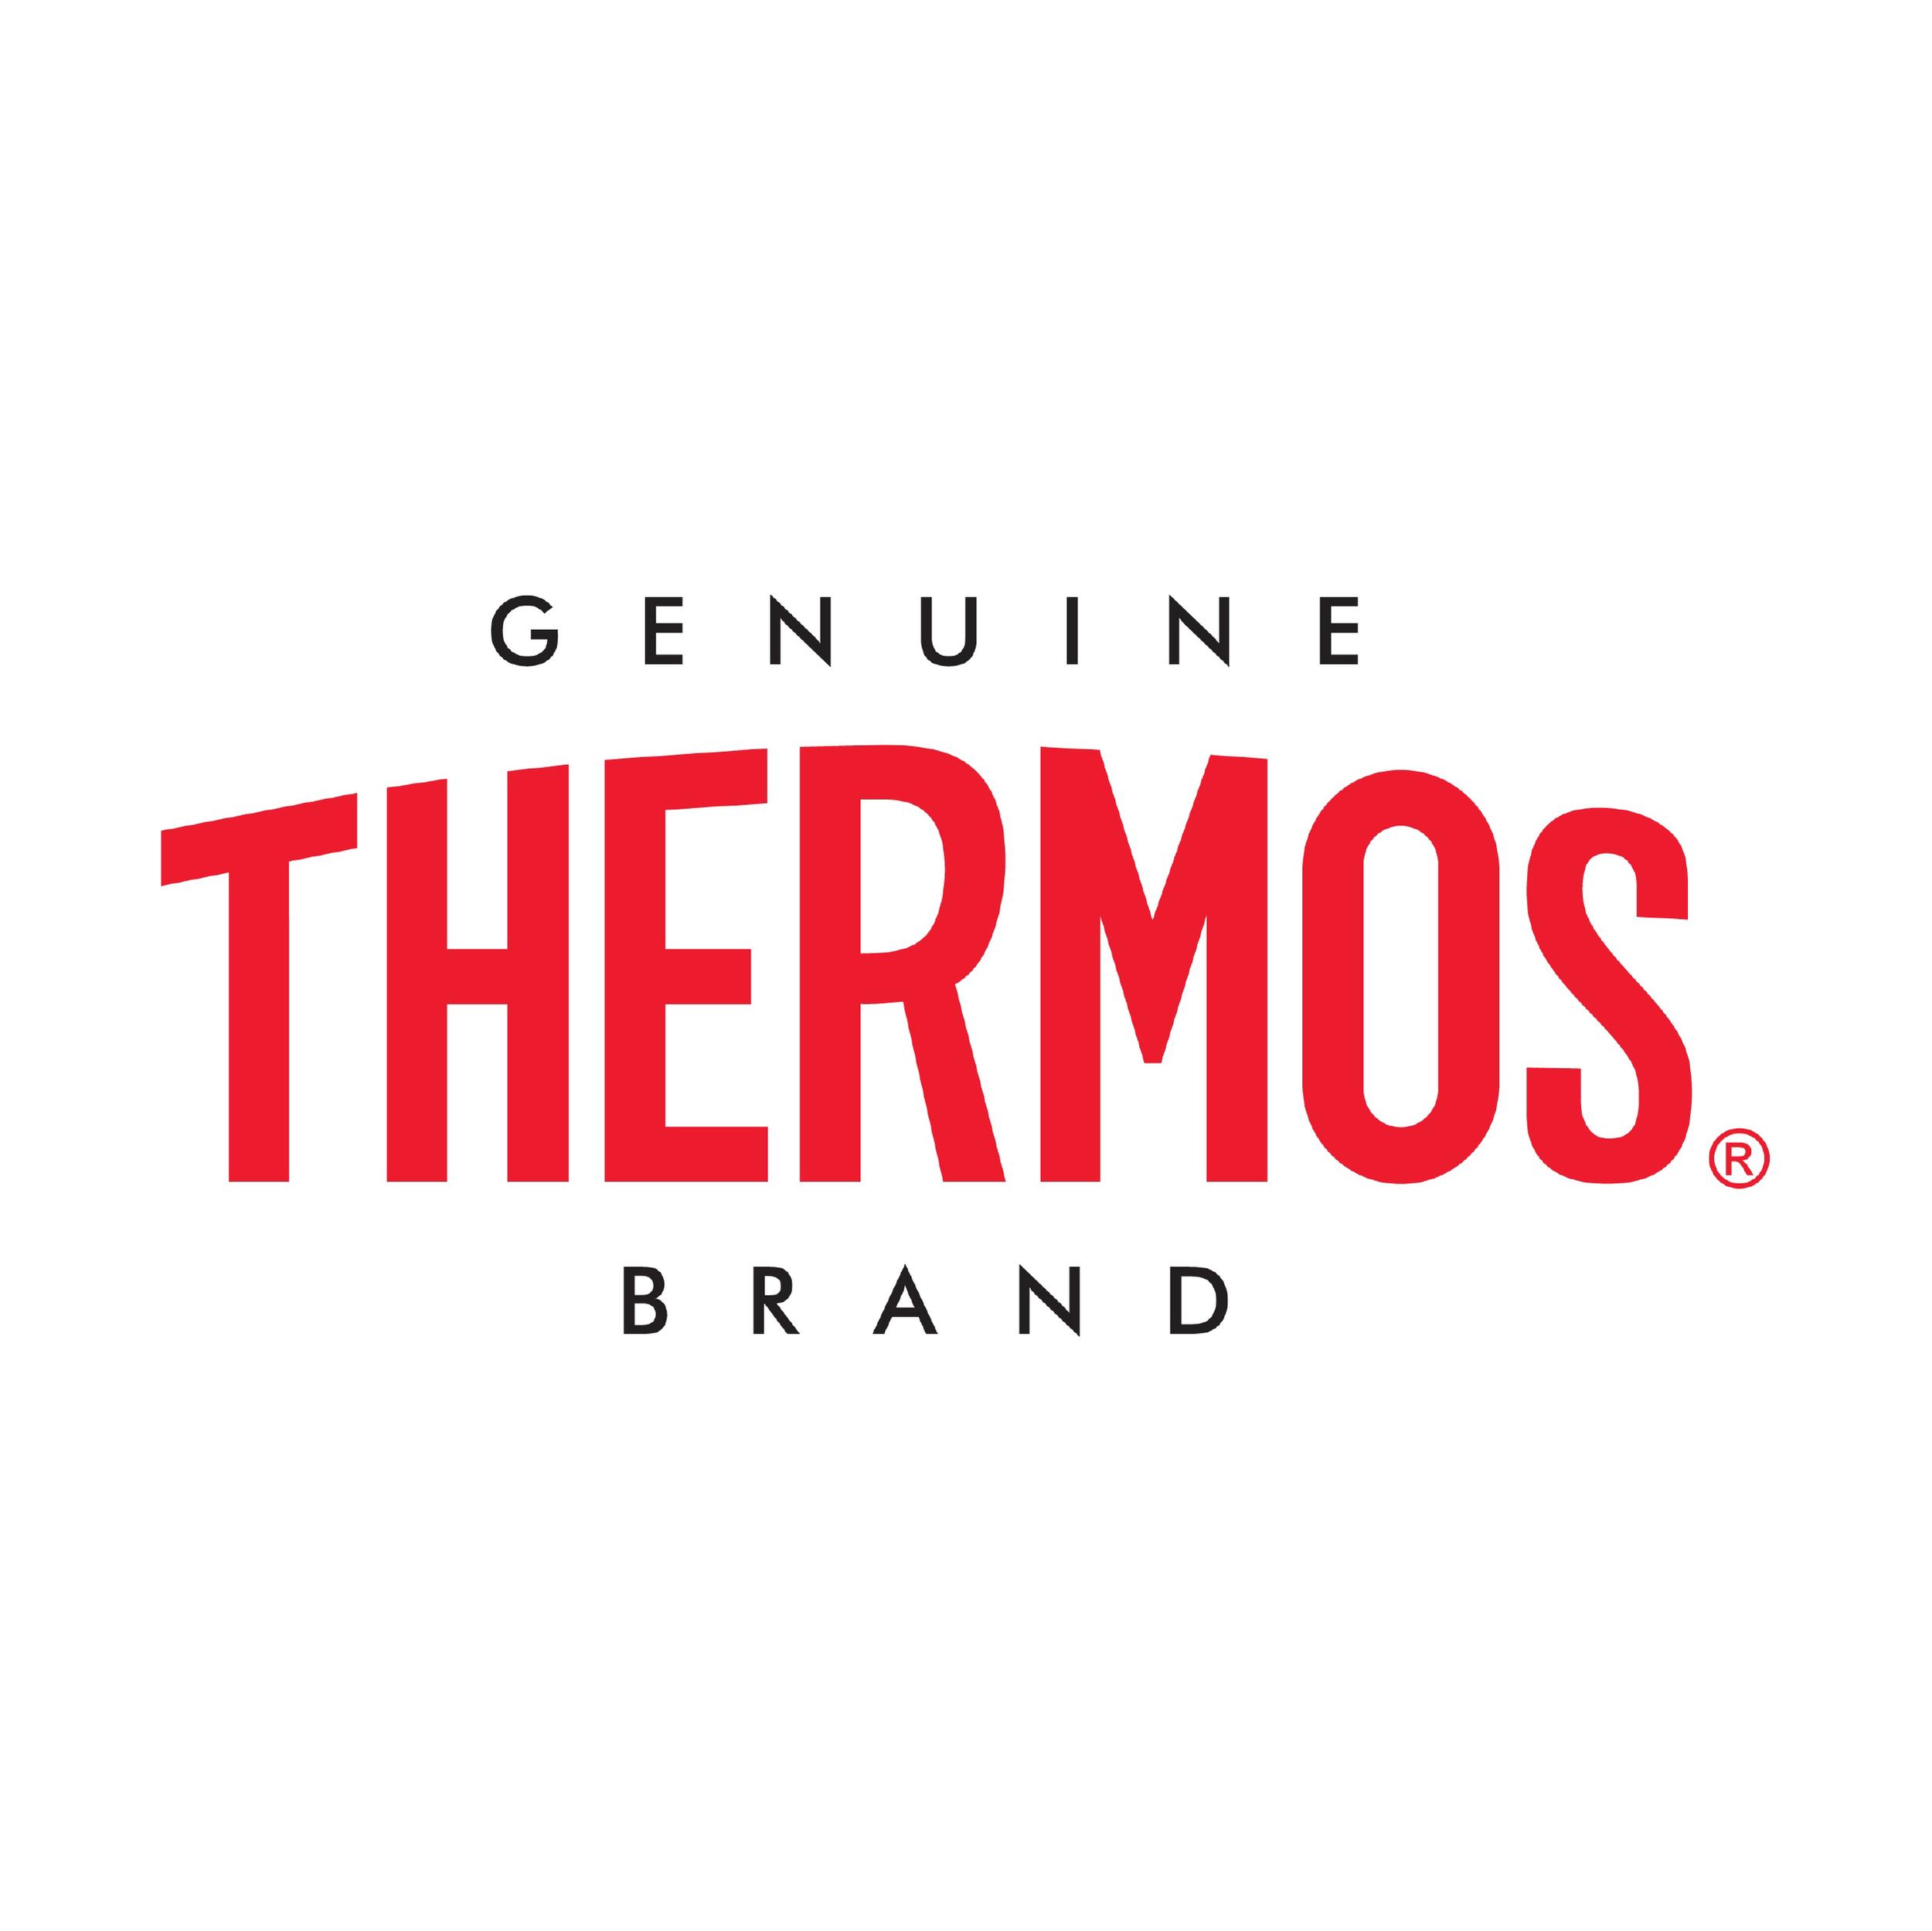 brand logos-23.png